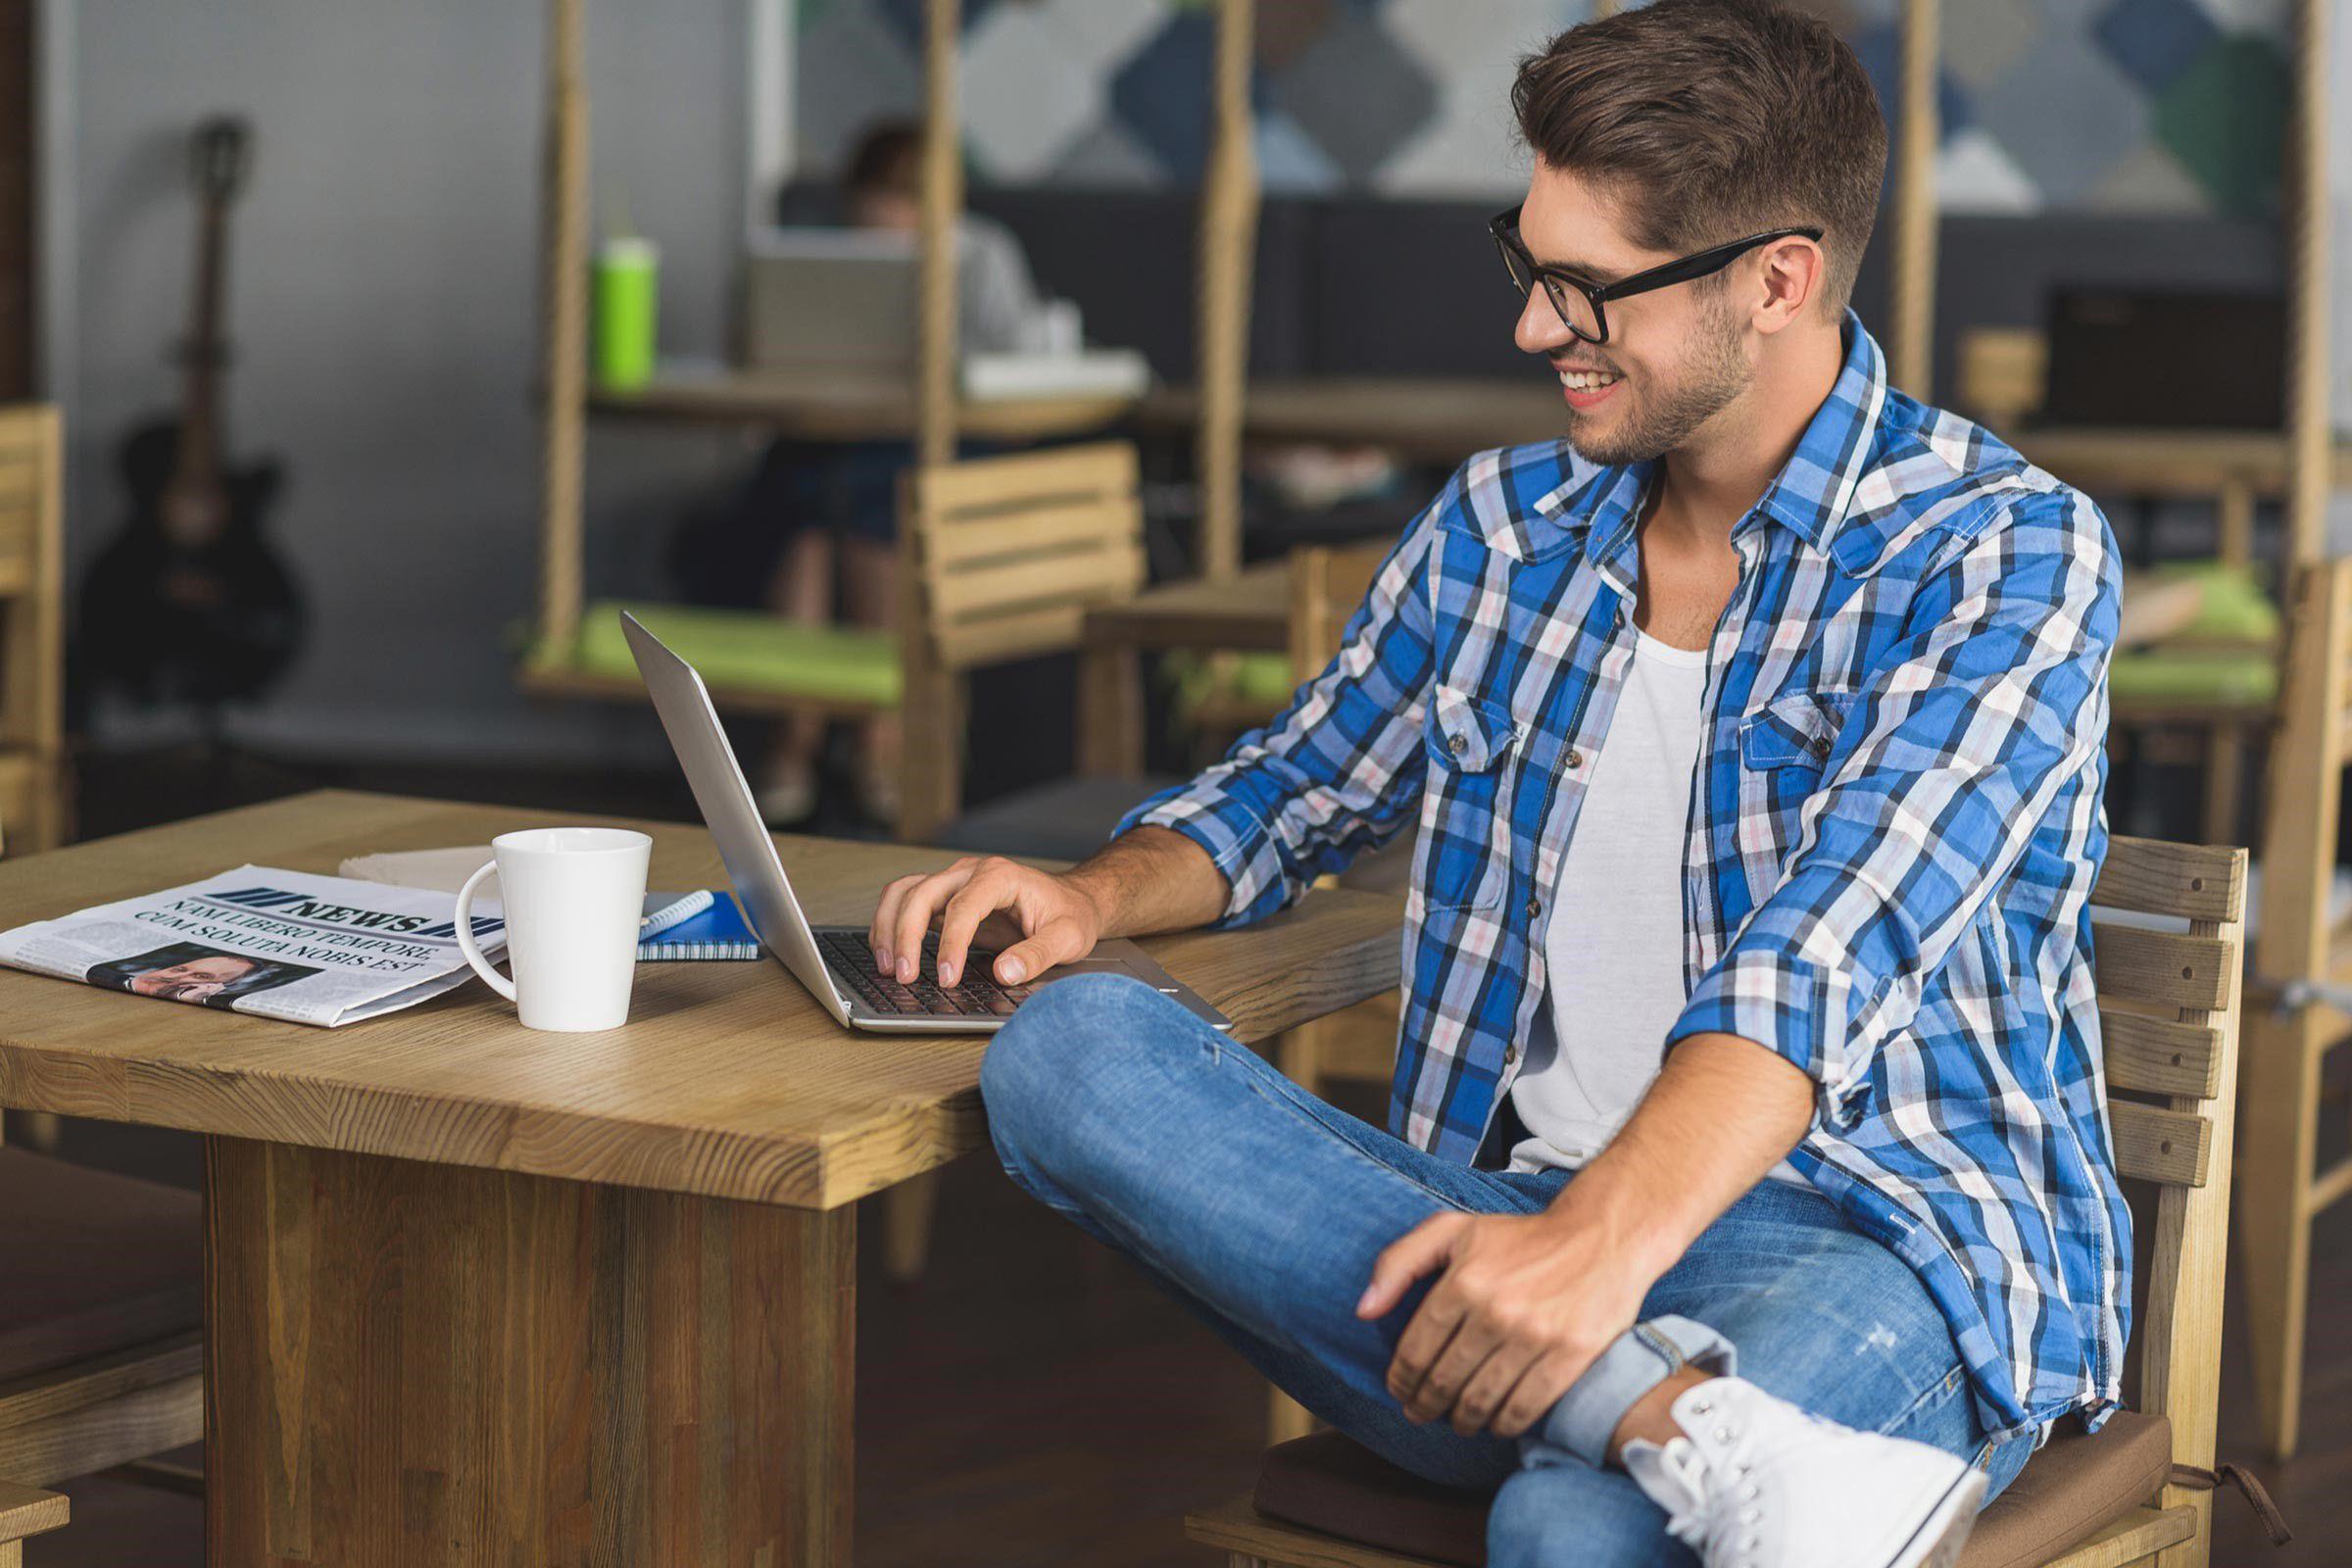 نشستن بیش از حد احتمال مرگ را افزایش میدهد